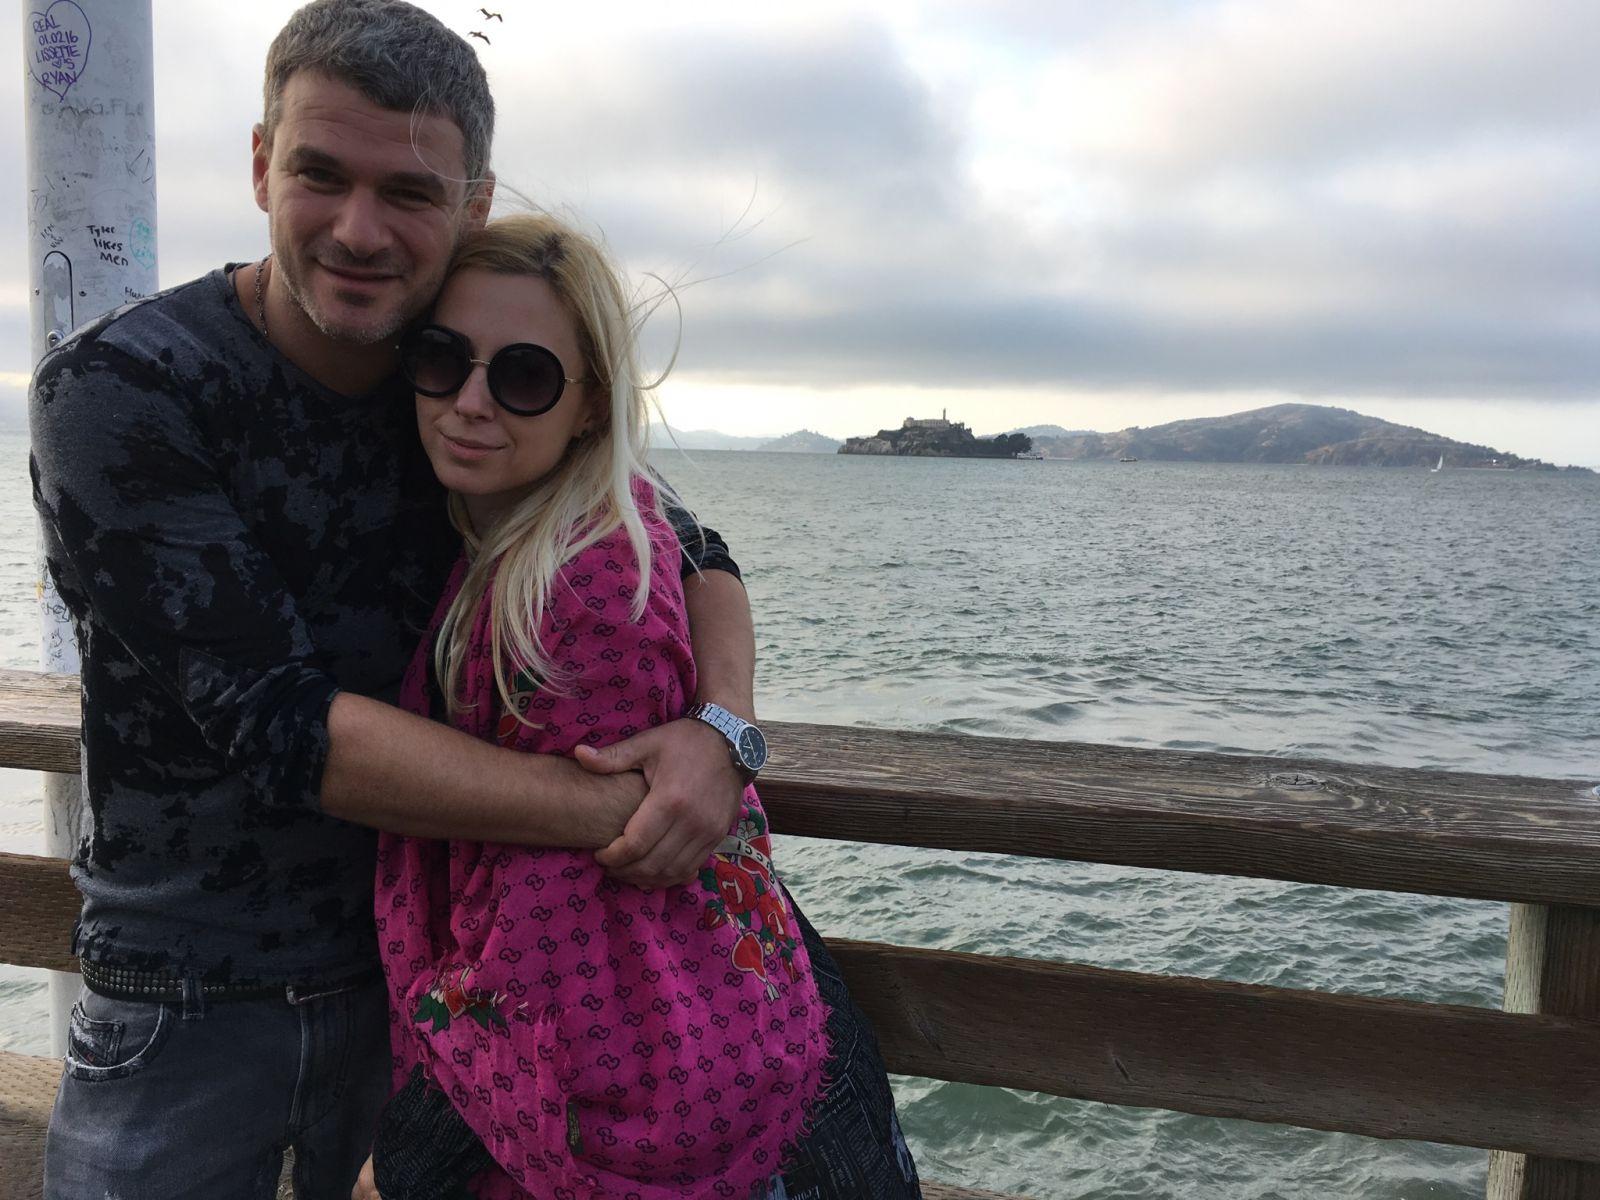 Тоня Матвиенко и Арсен Мирзоян отдыхают в Сан-Франциско